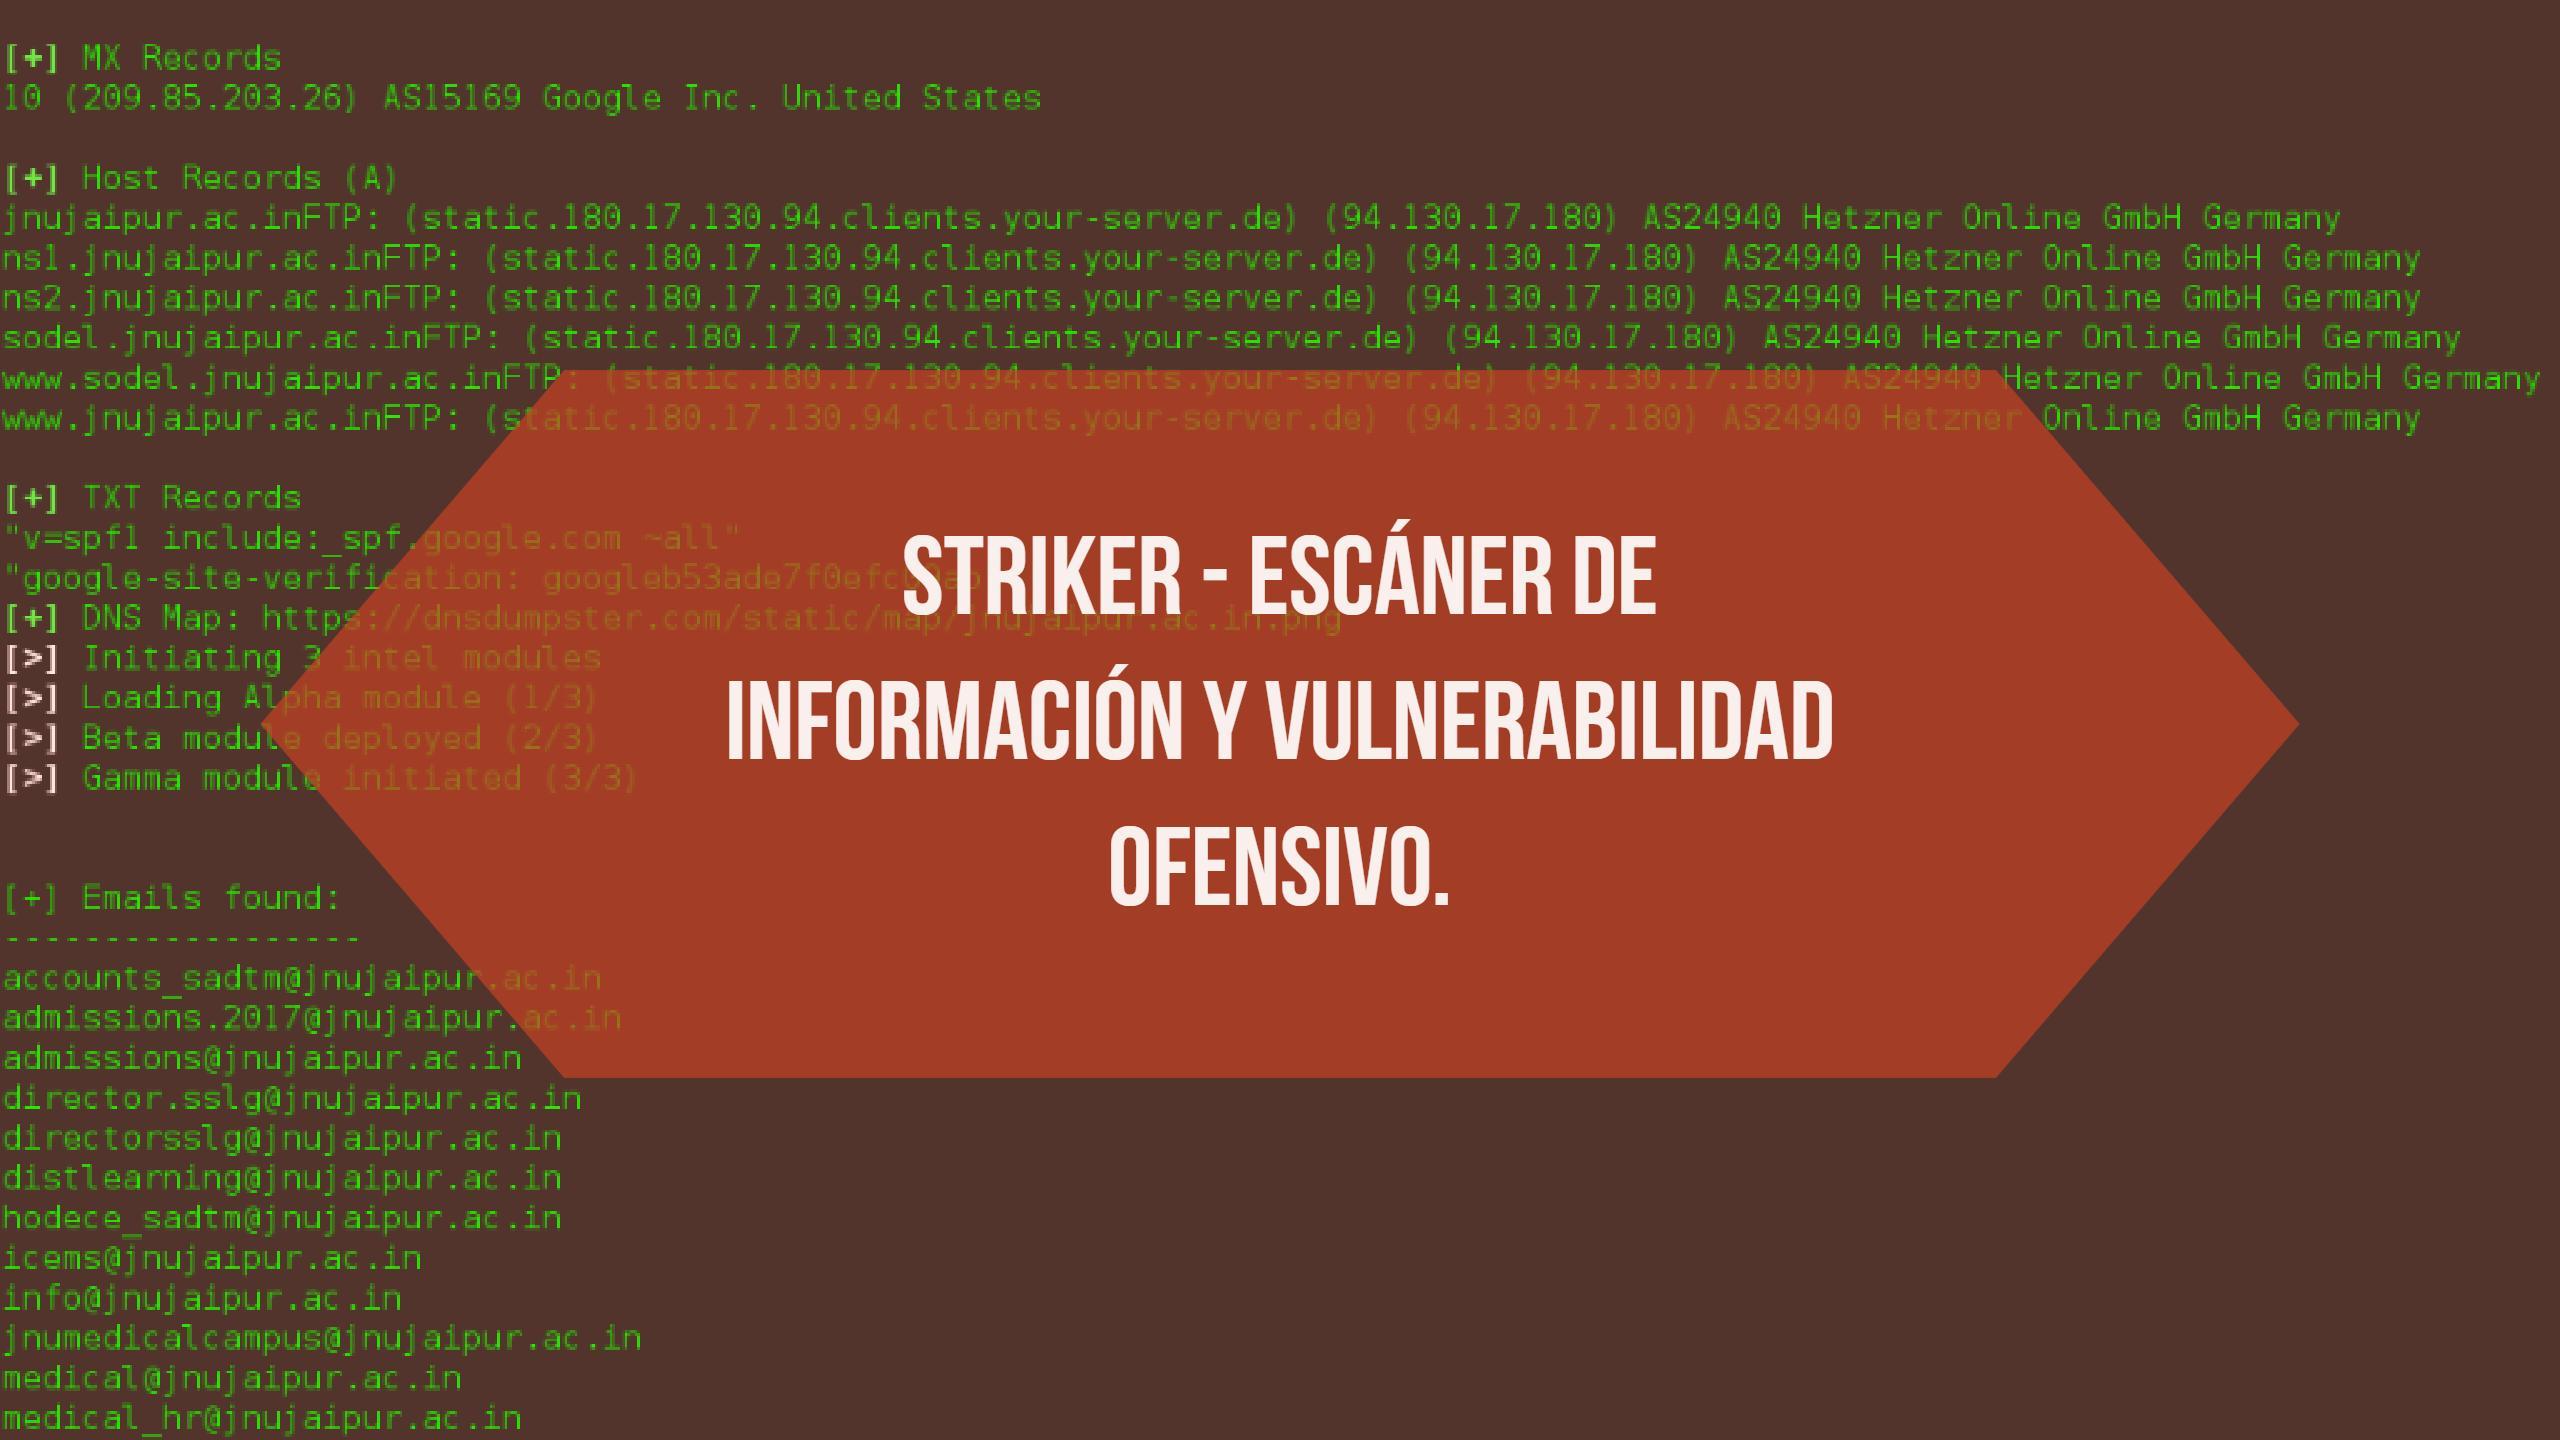 Striker – escáner de información y vulnerabilidad ofensivo.